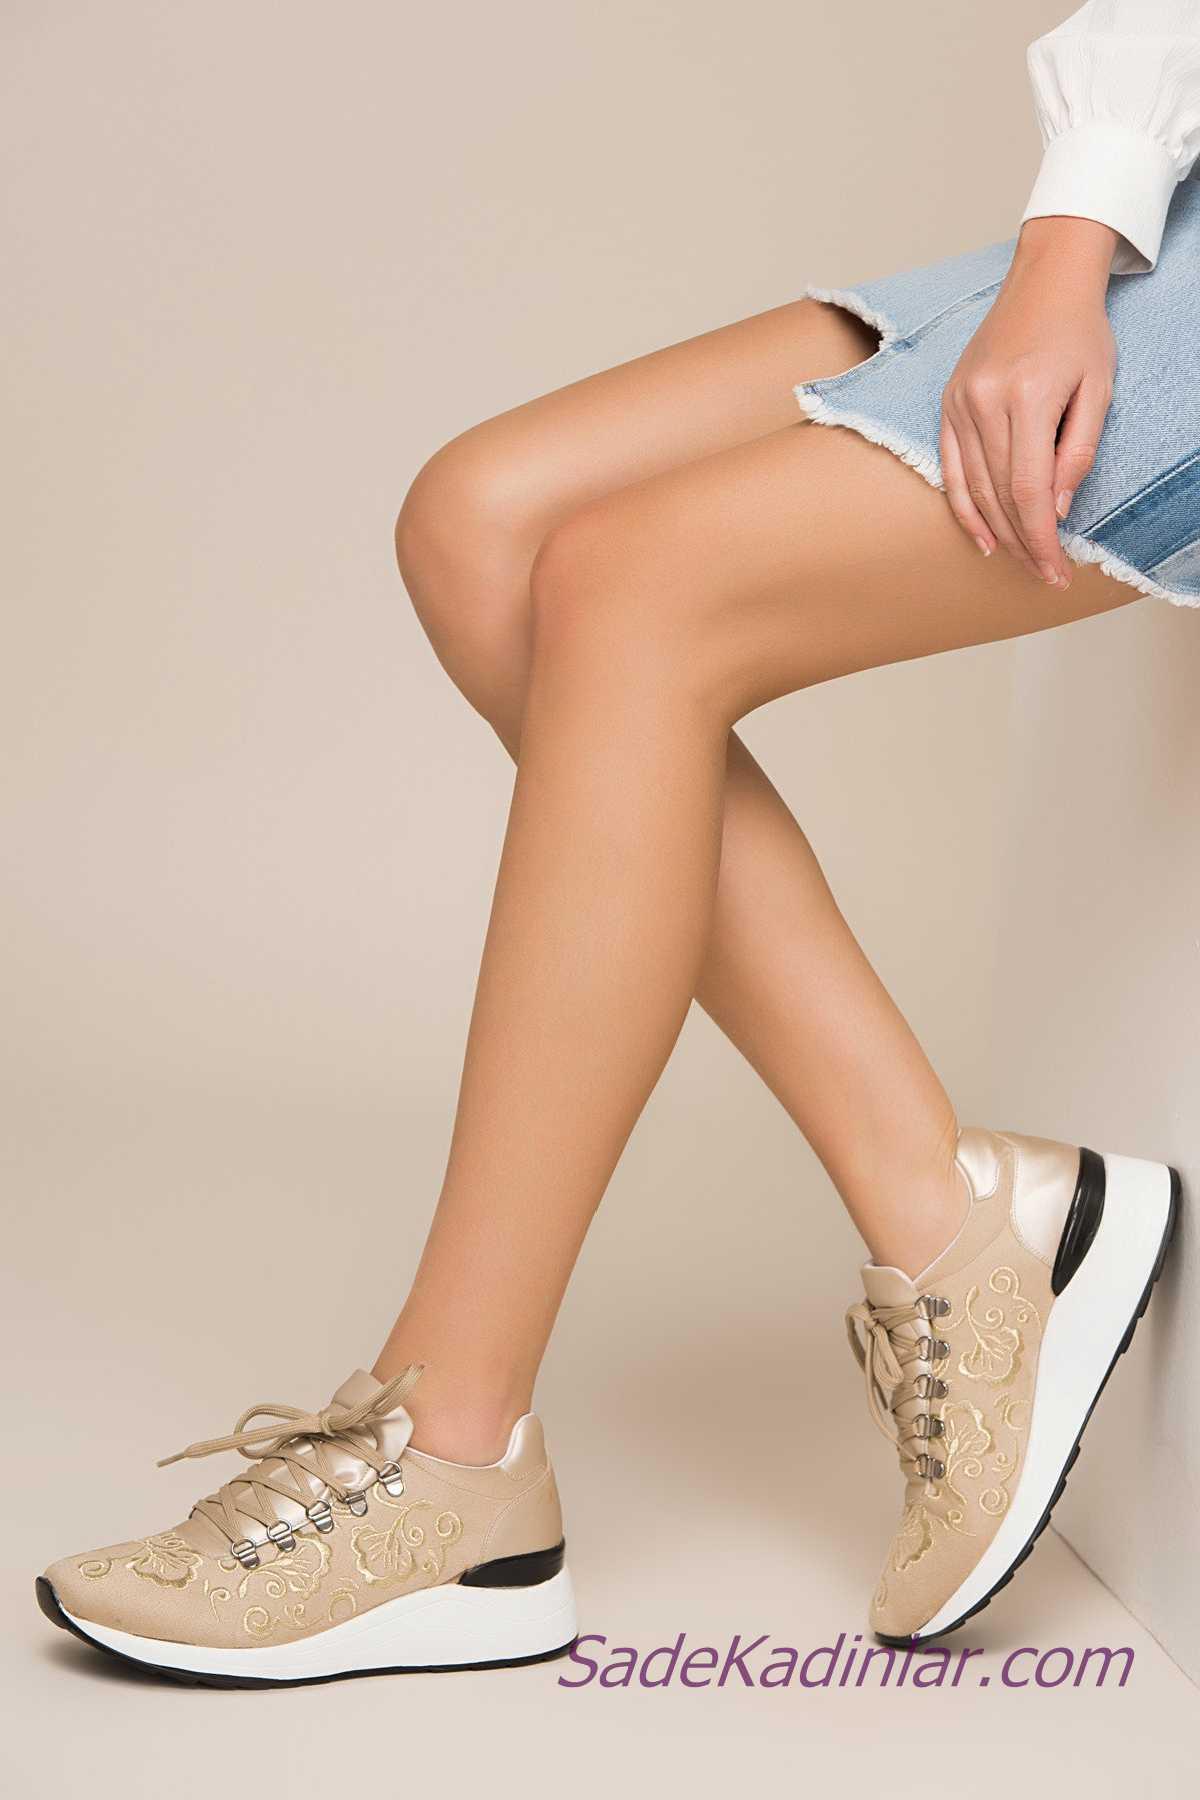 Sneakers Bayan Spor Ayakkabı Modelleri Vizon Nakış İşlemeli Bağcıklı